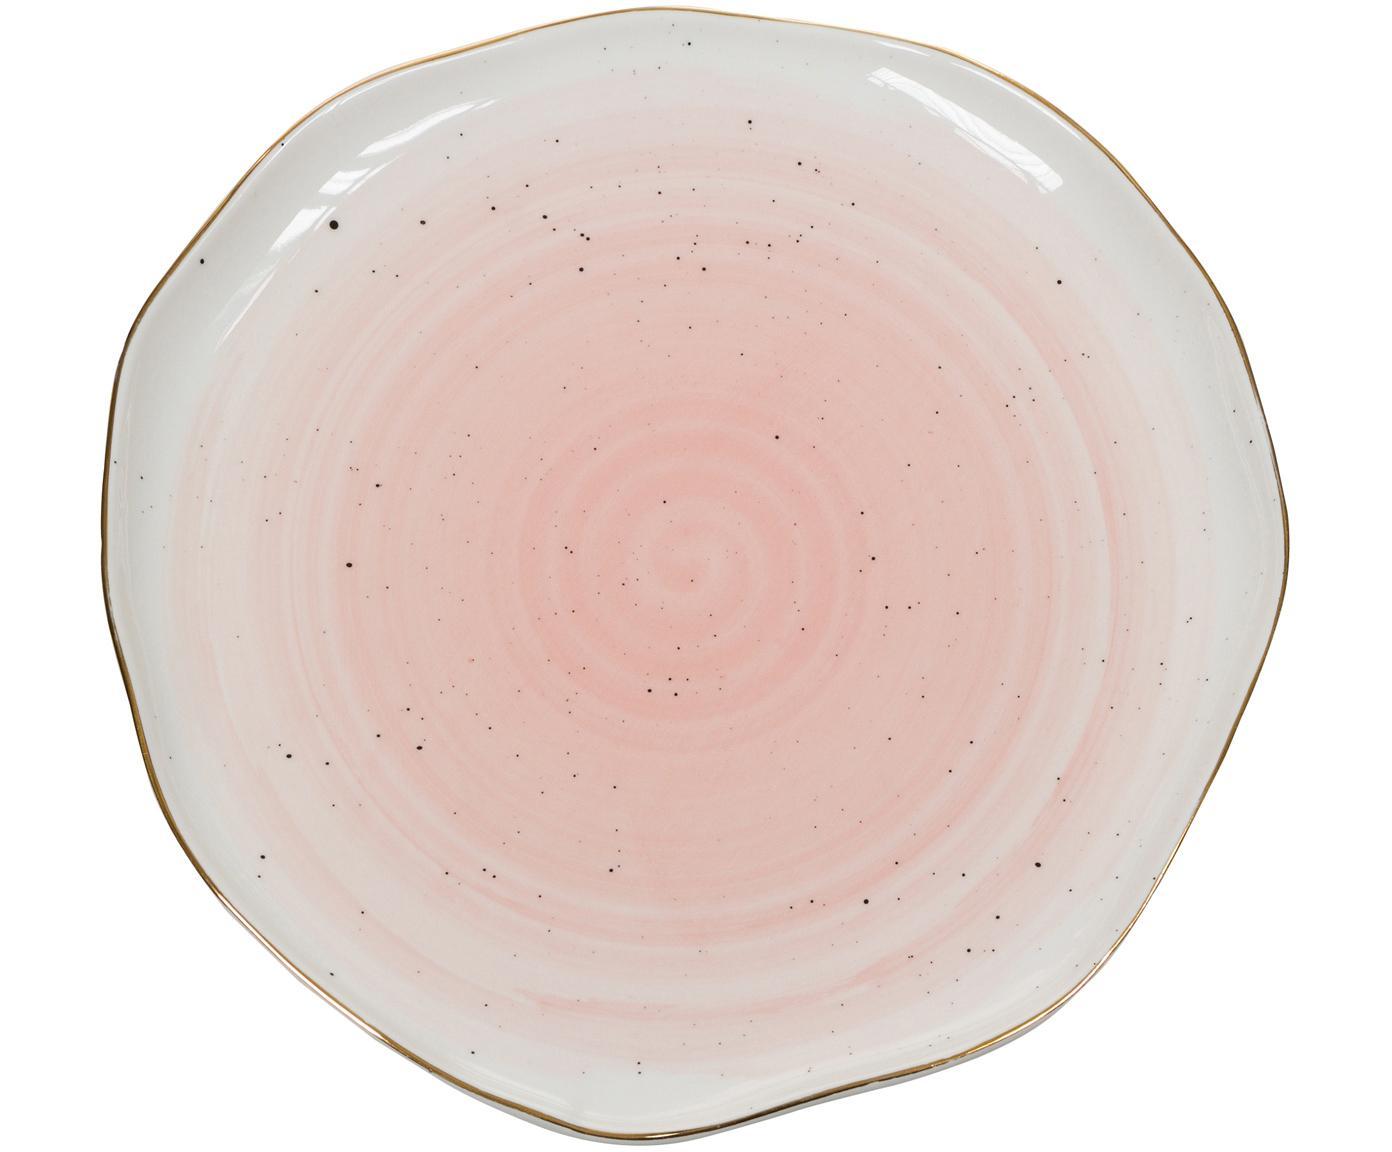 Handgemachte Frühstücksteller Bol mit Goldrand, 2 Stück, Porzellan, Rosa, Ø 19 x H 3 cm